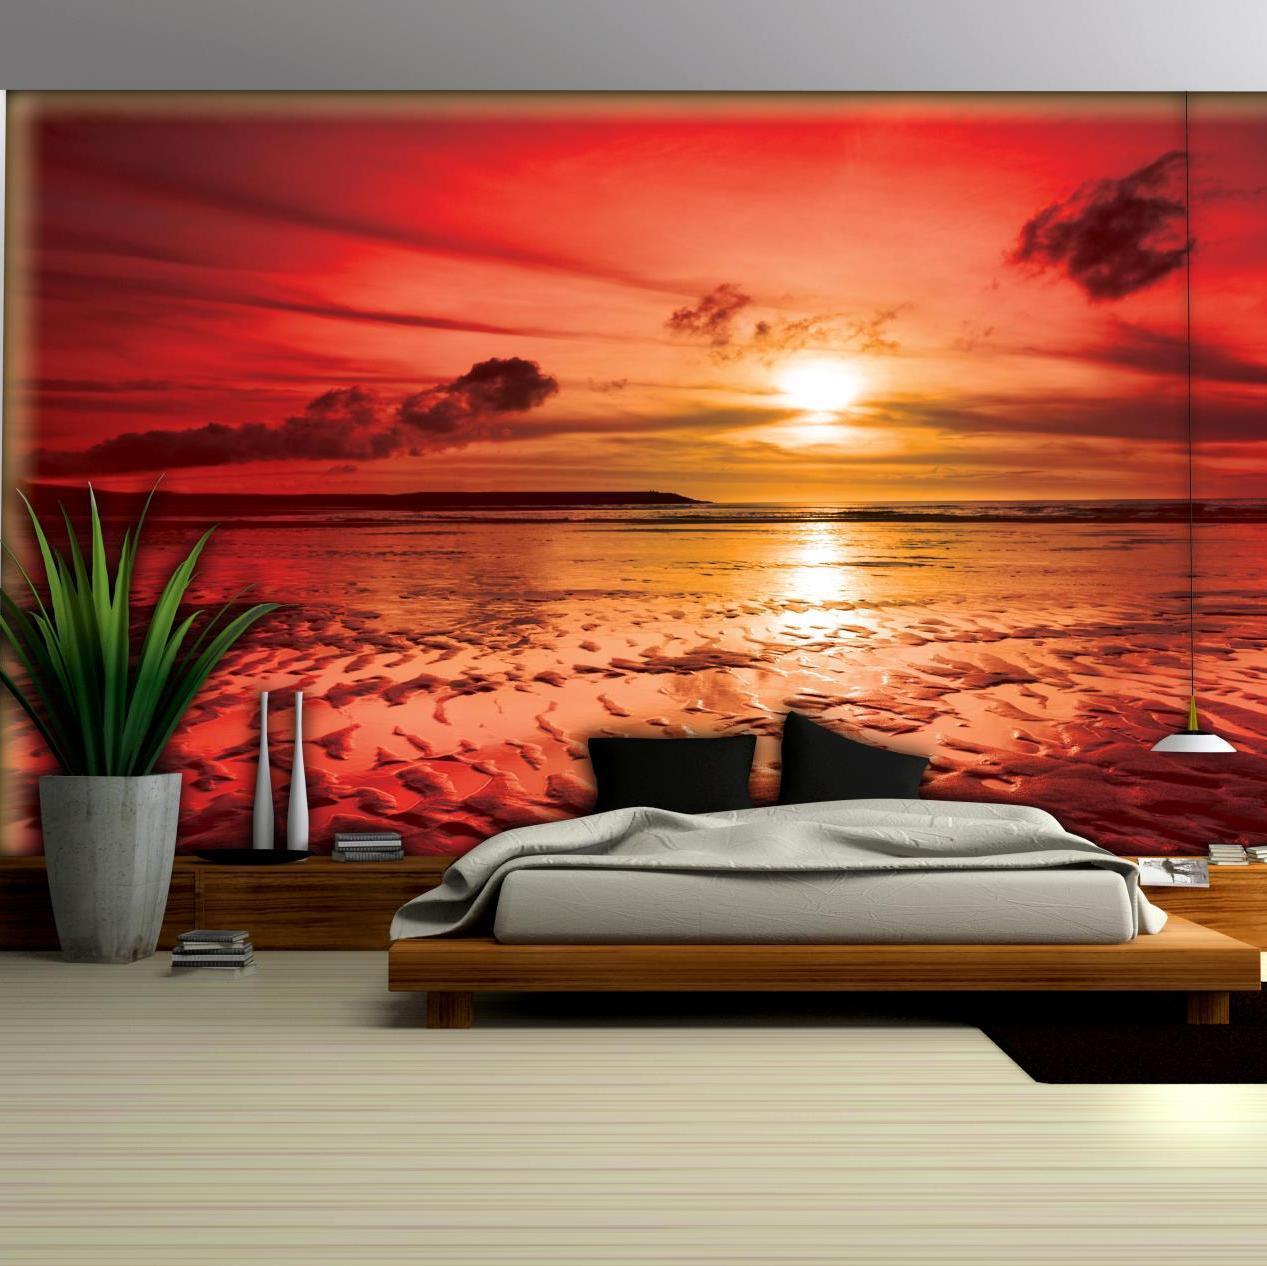 Fototapete Fototapeten Wandbilder Tapete Strand Meer Sonnenuntergang 14N262P4